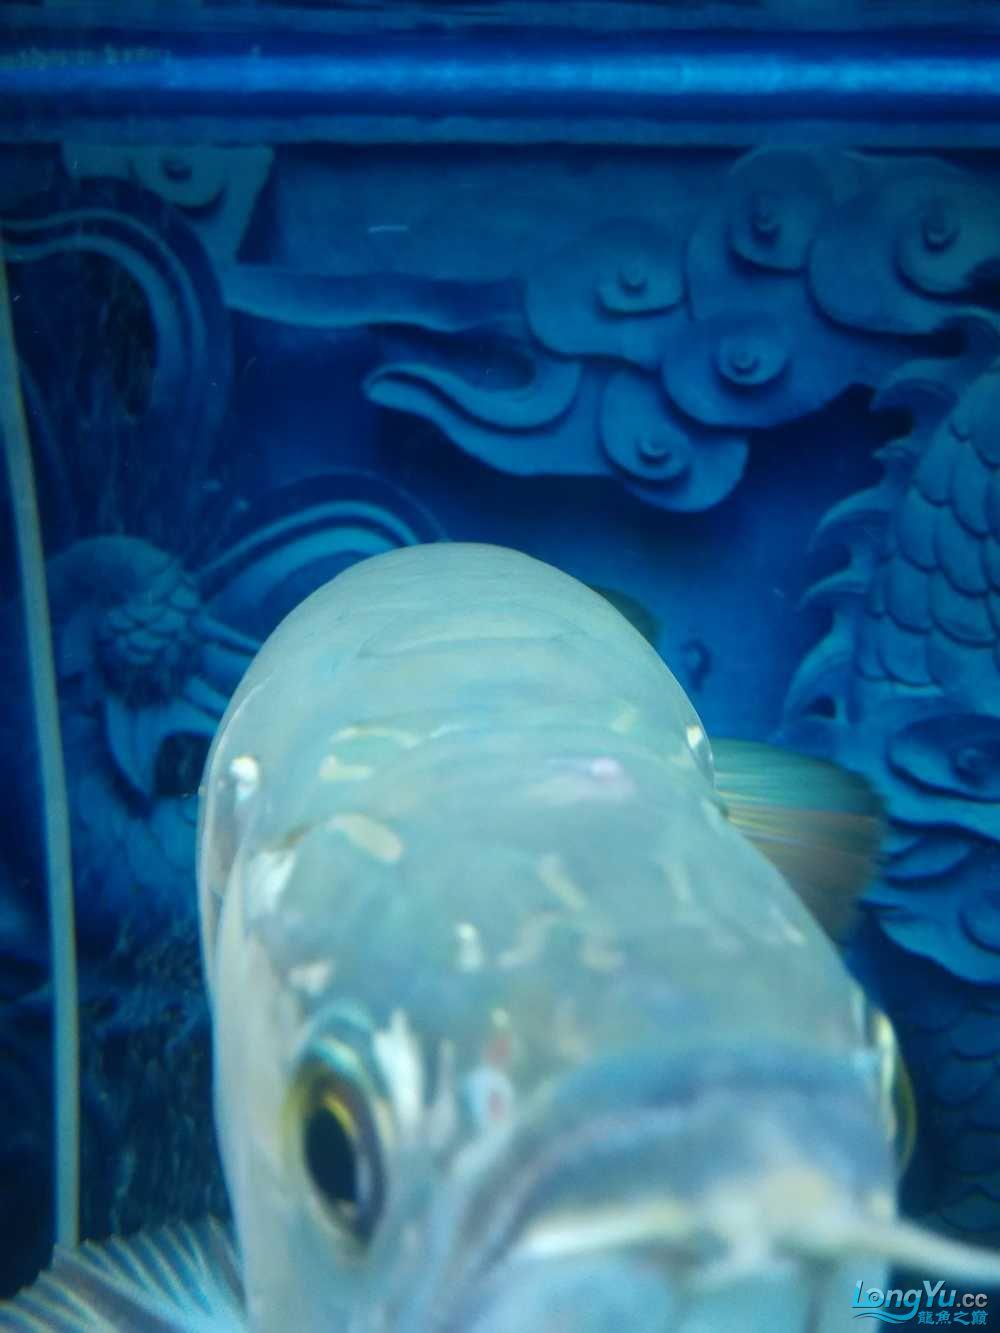 龙鱼头撞破了出现个包 乌鲁木齐龙鱼论坛 乌鲁木齐龙鱼第2张